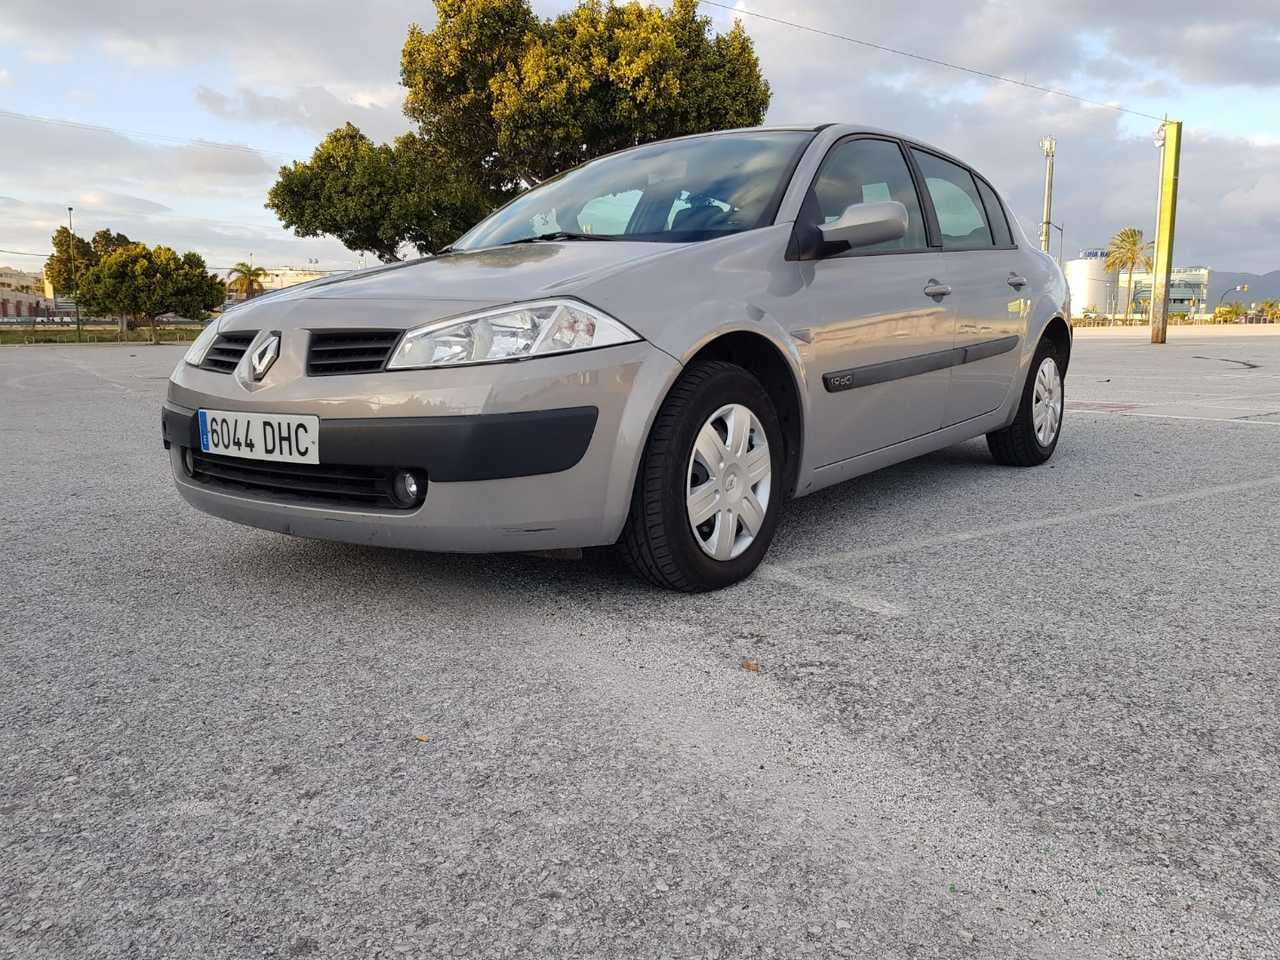 Renault Megane Sedan ocasión segunda mano 2005 Diésel por 3.900€ en Málaga